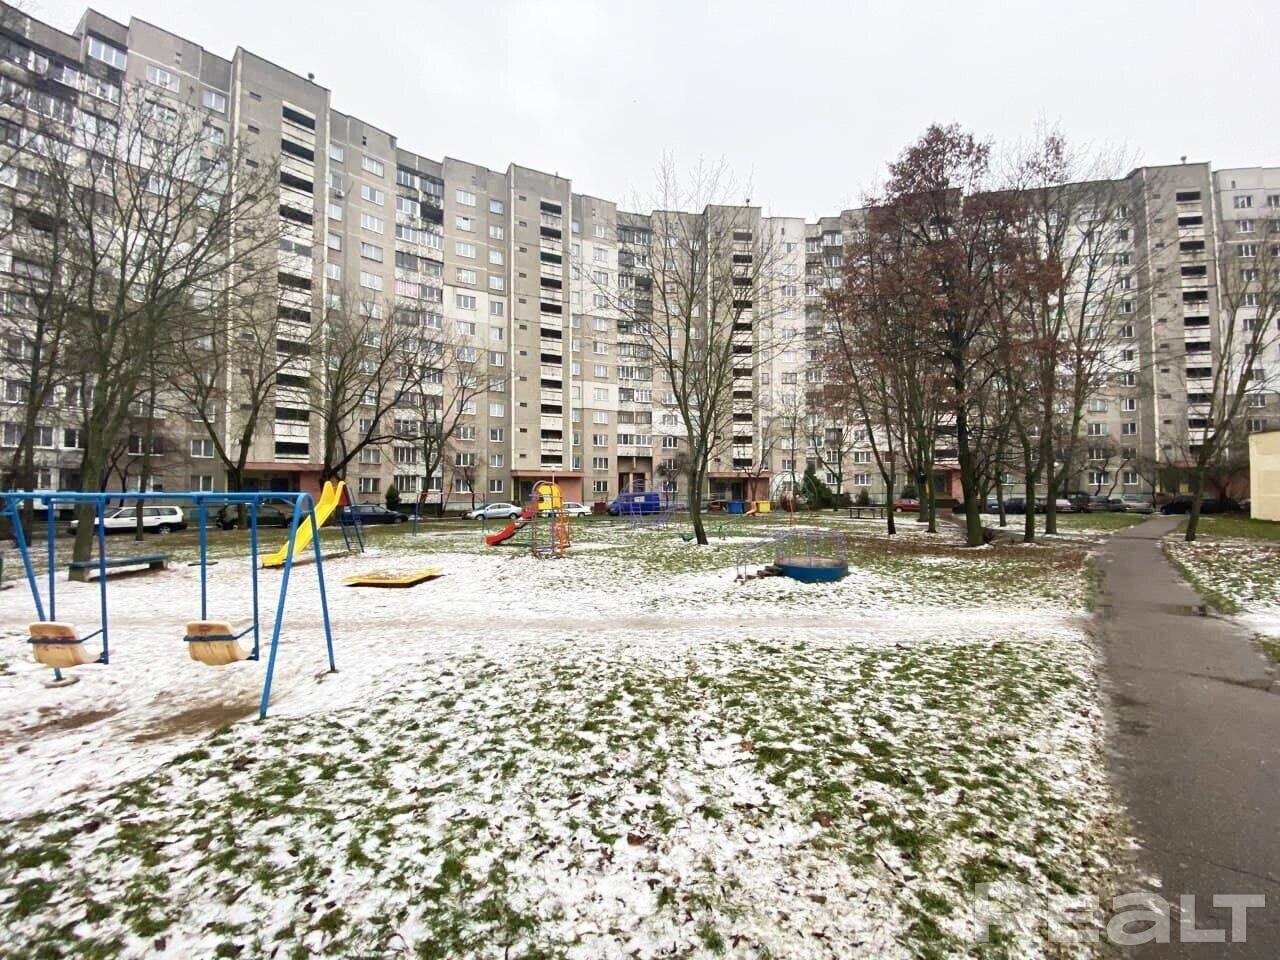 Продажа 3-х комнатной квартиры в г. Минске, ул. Горовца, дом 20-1 (р-н Серебрянка). Цена 178 965 руб